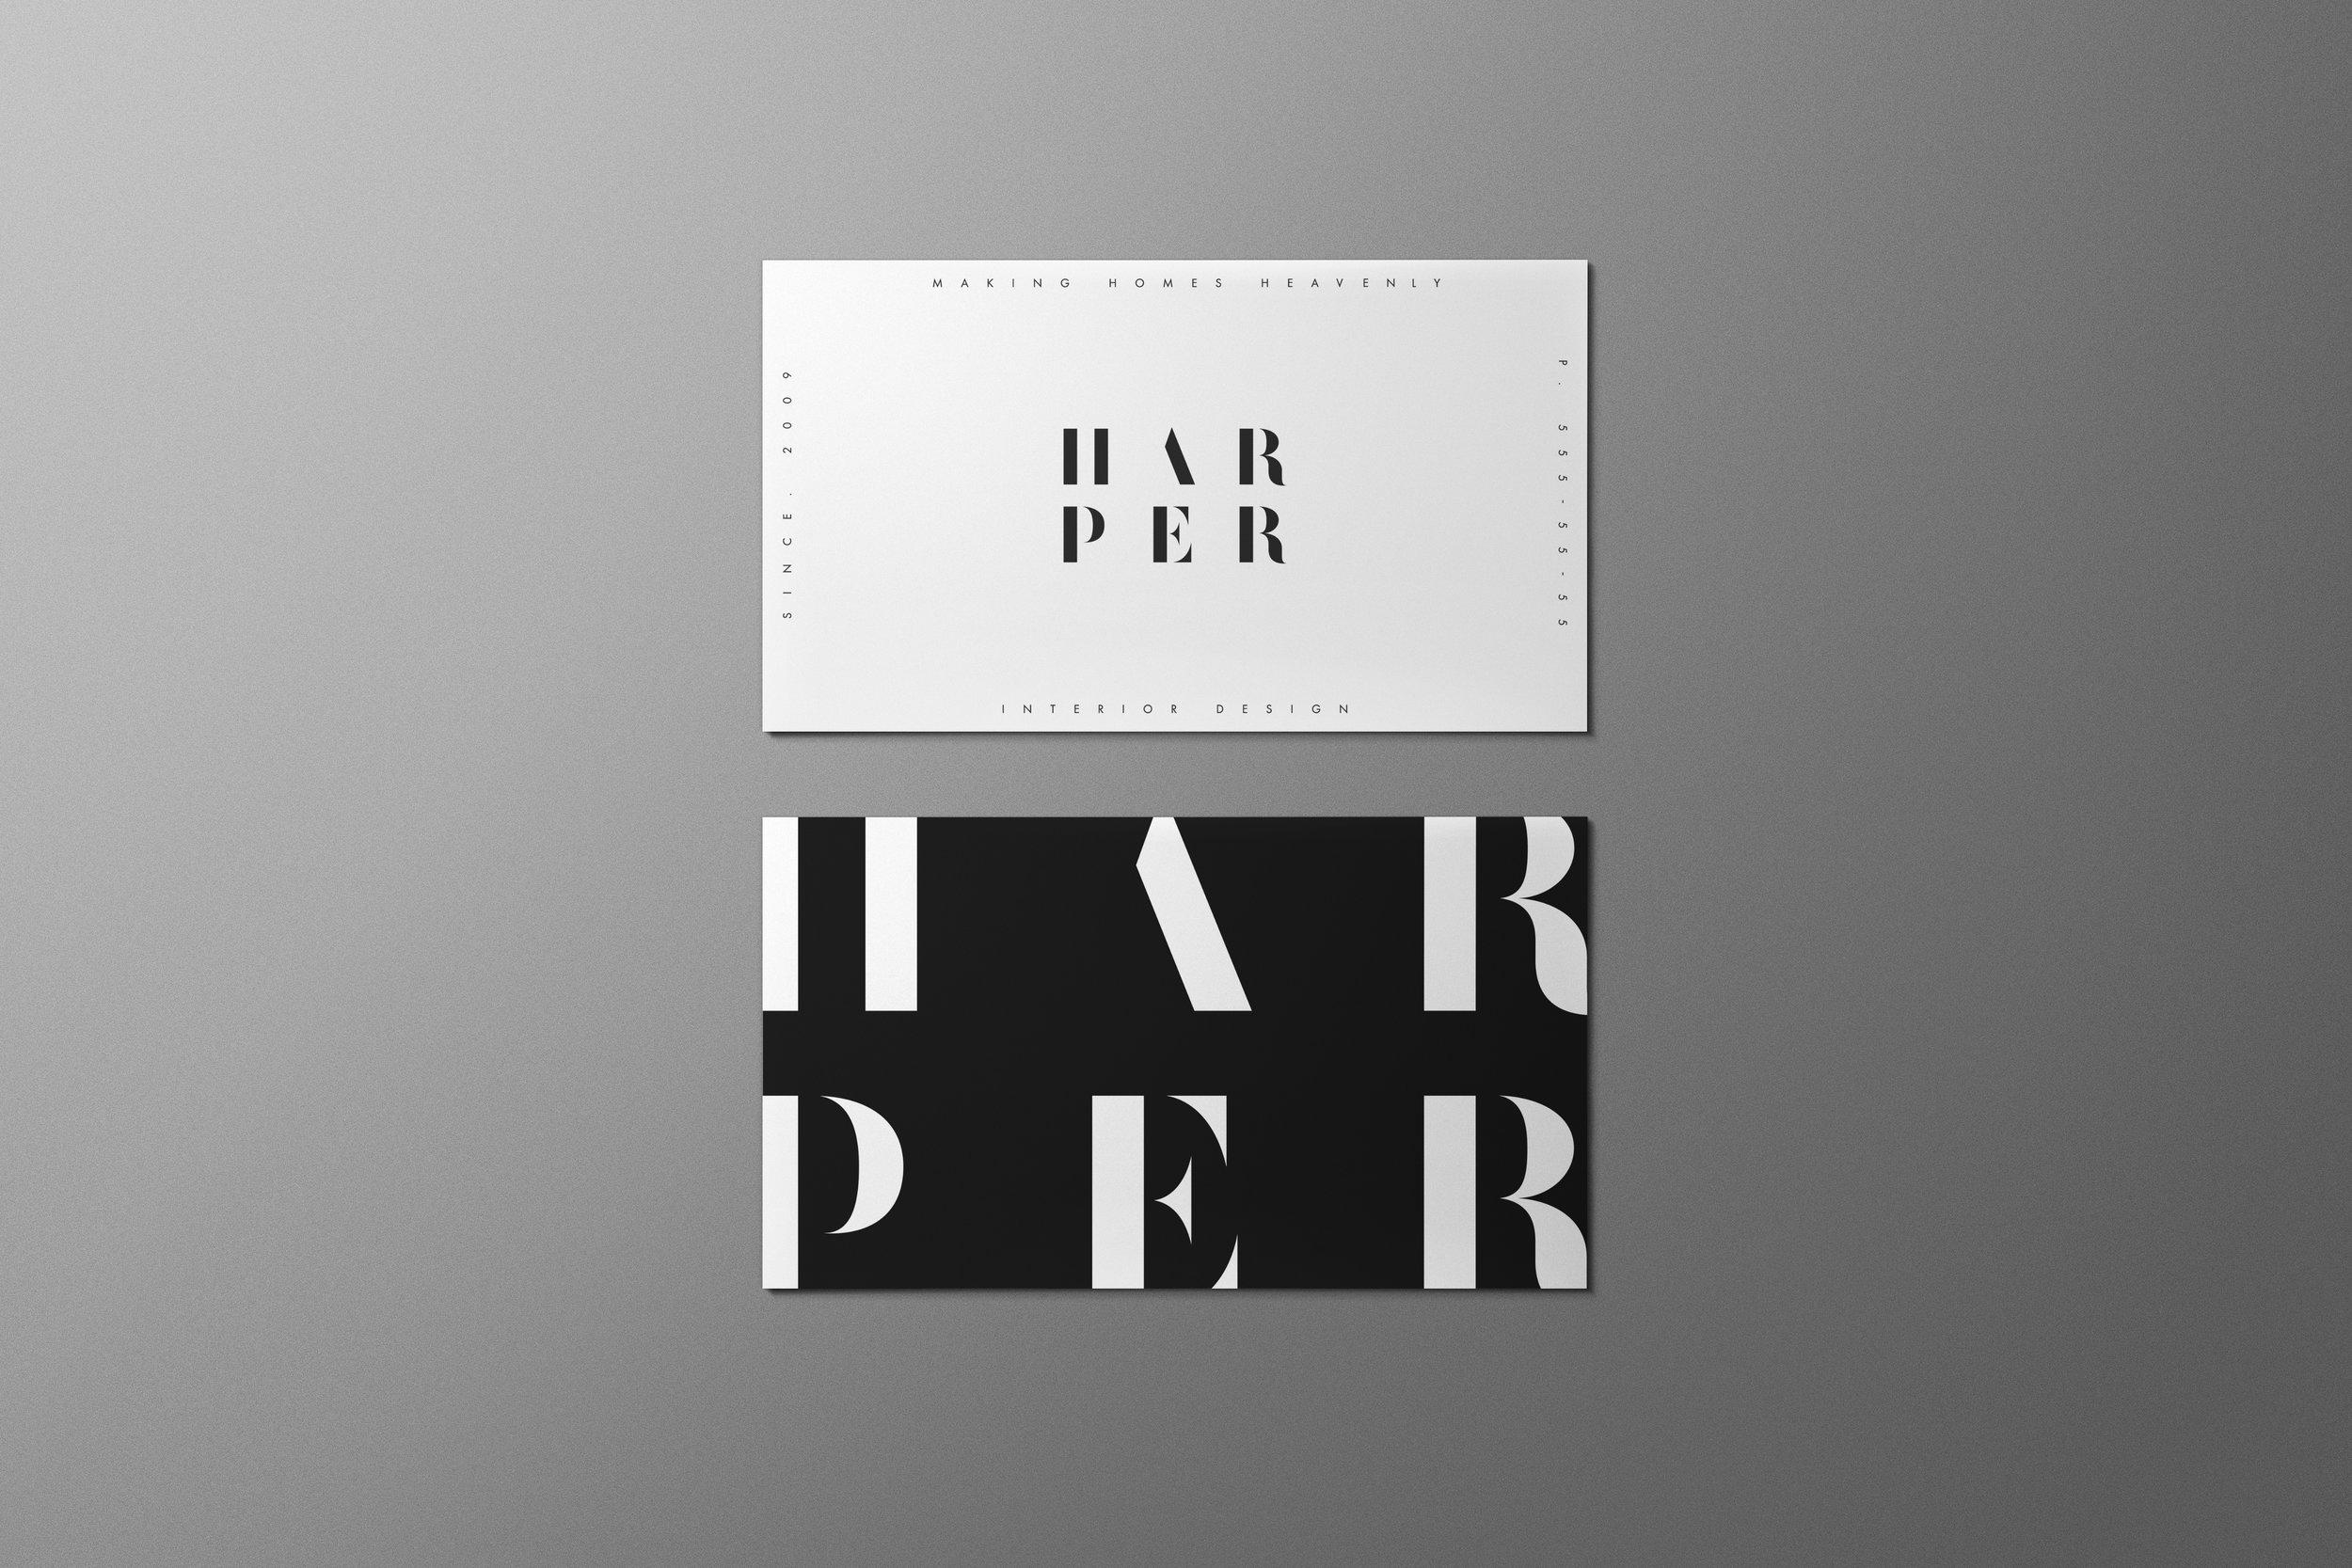 harper-mockup.jpg